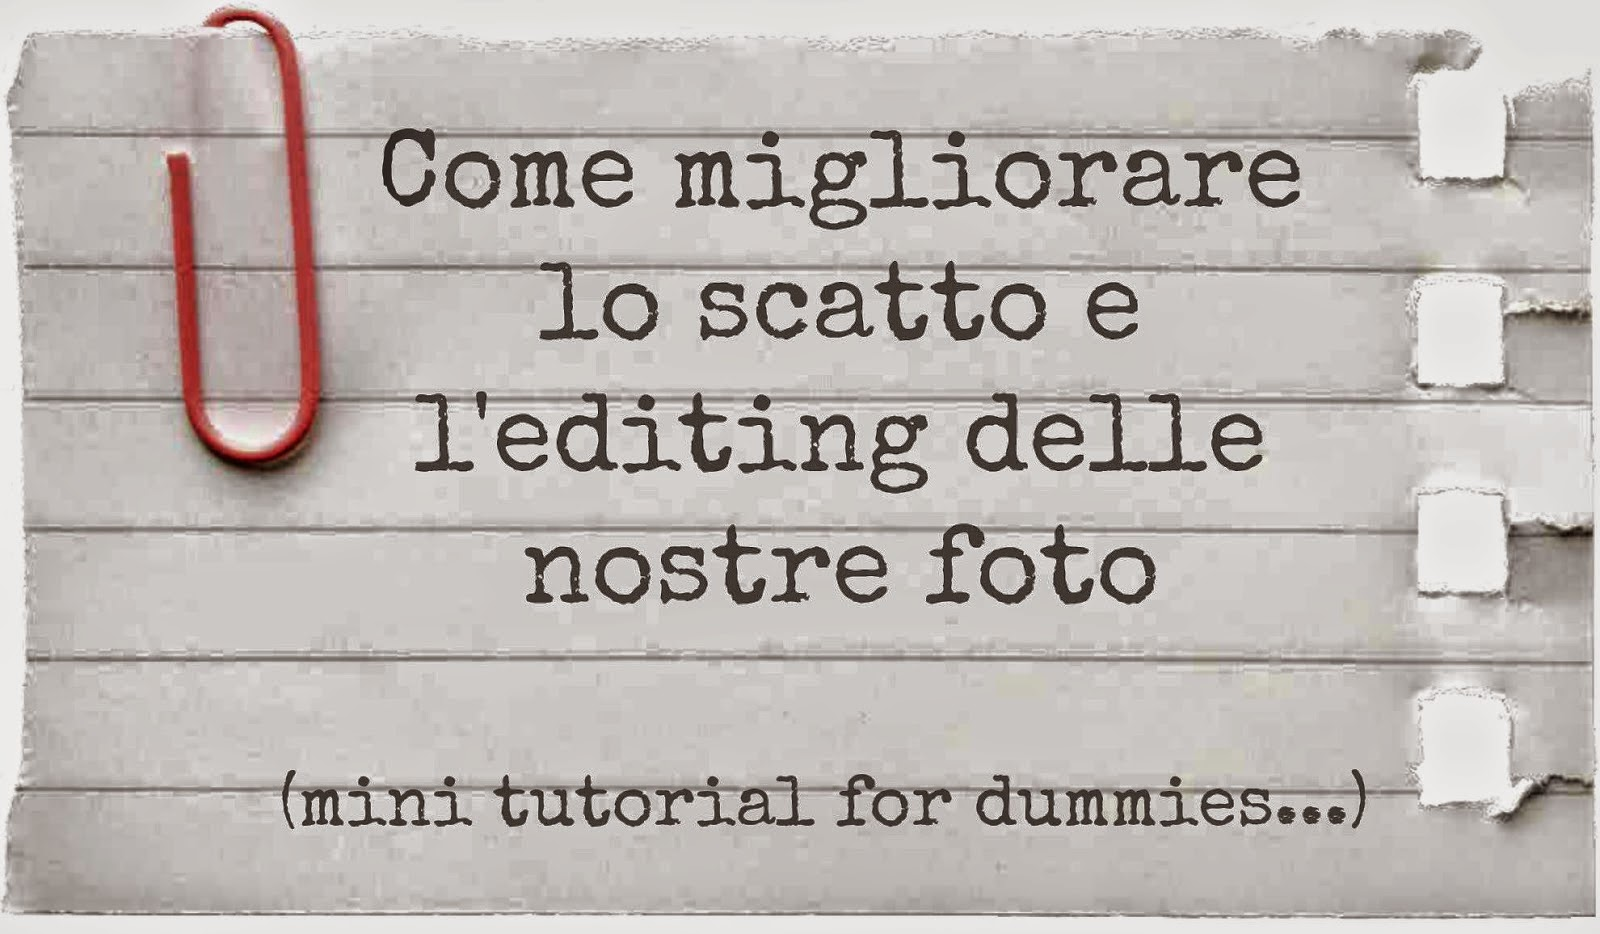 http://www.carrubo.blogspot.it/2014/08/come-migliorare-le-nostre-foto-parte-i.html